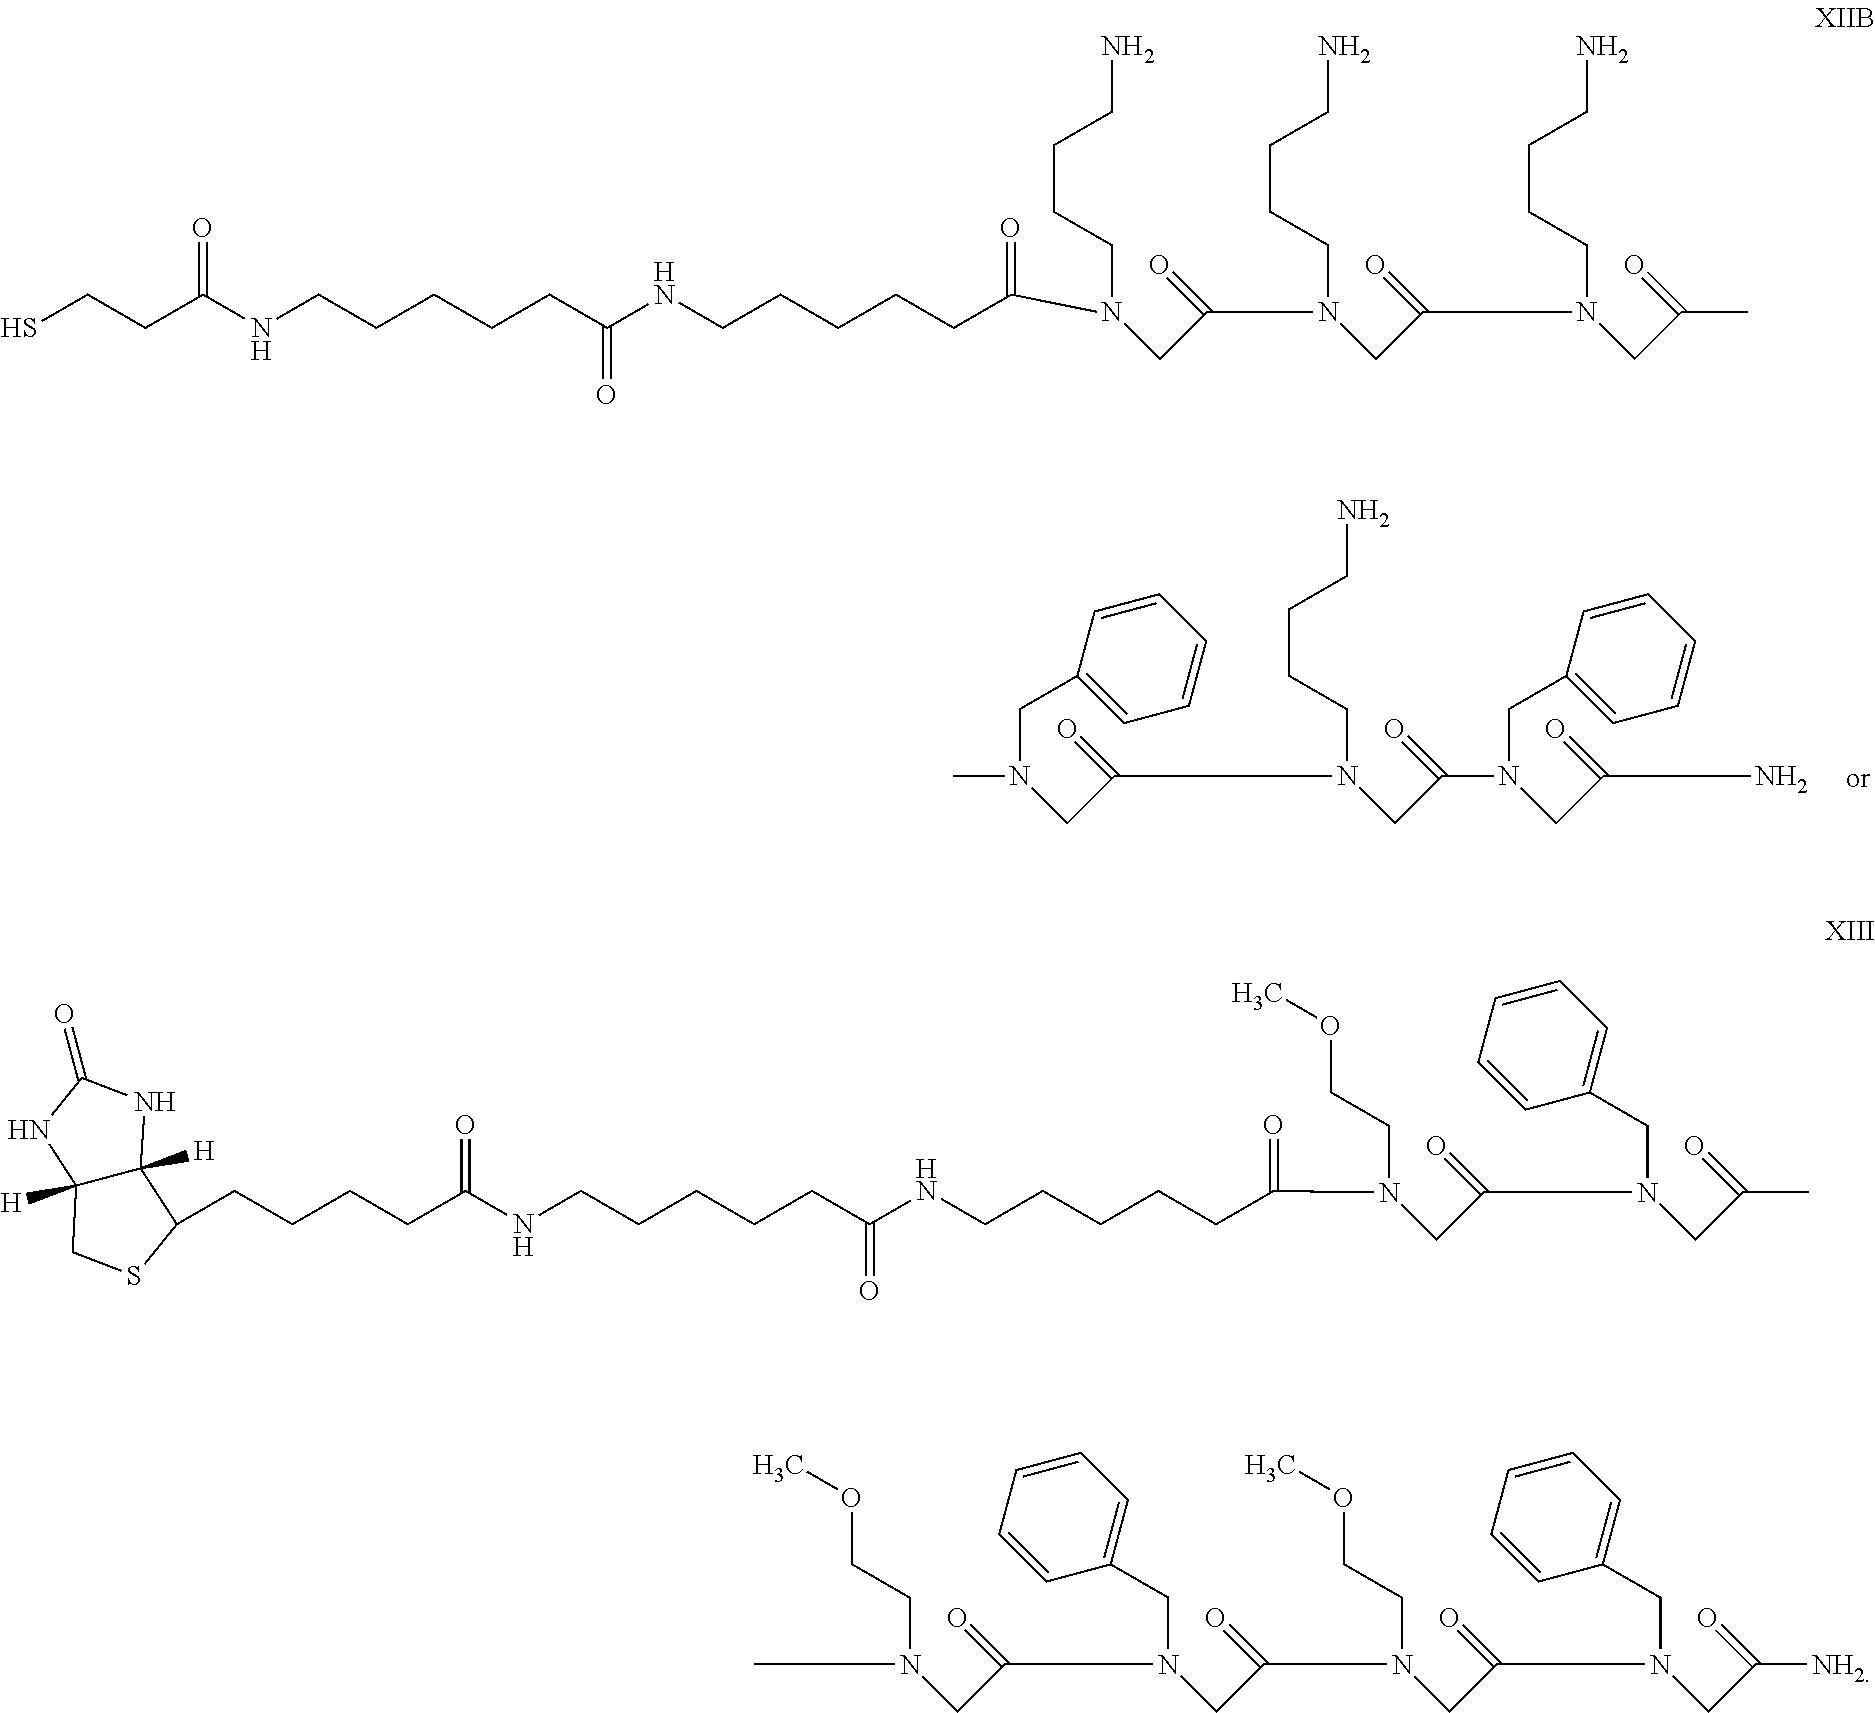 Figure US20110189692A1-20110804-C00006